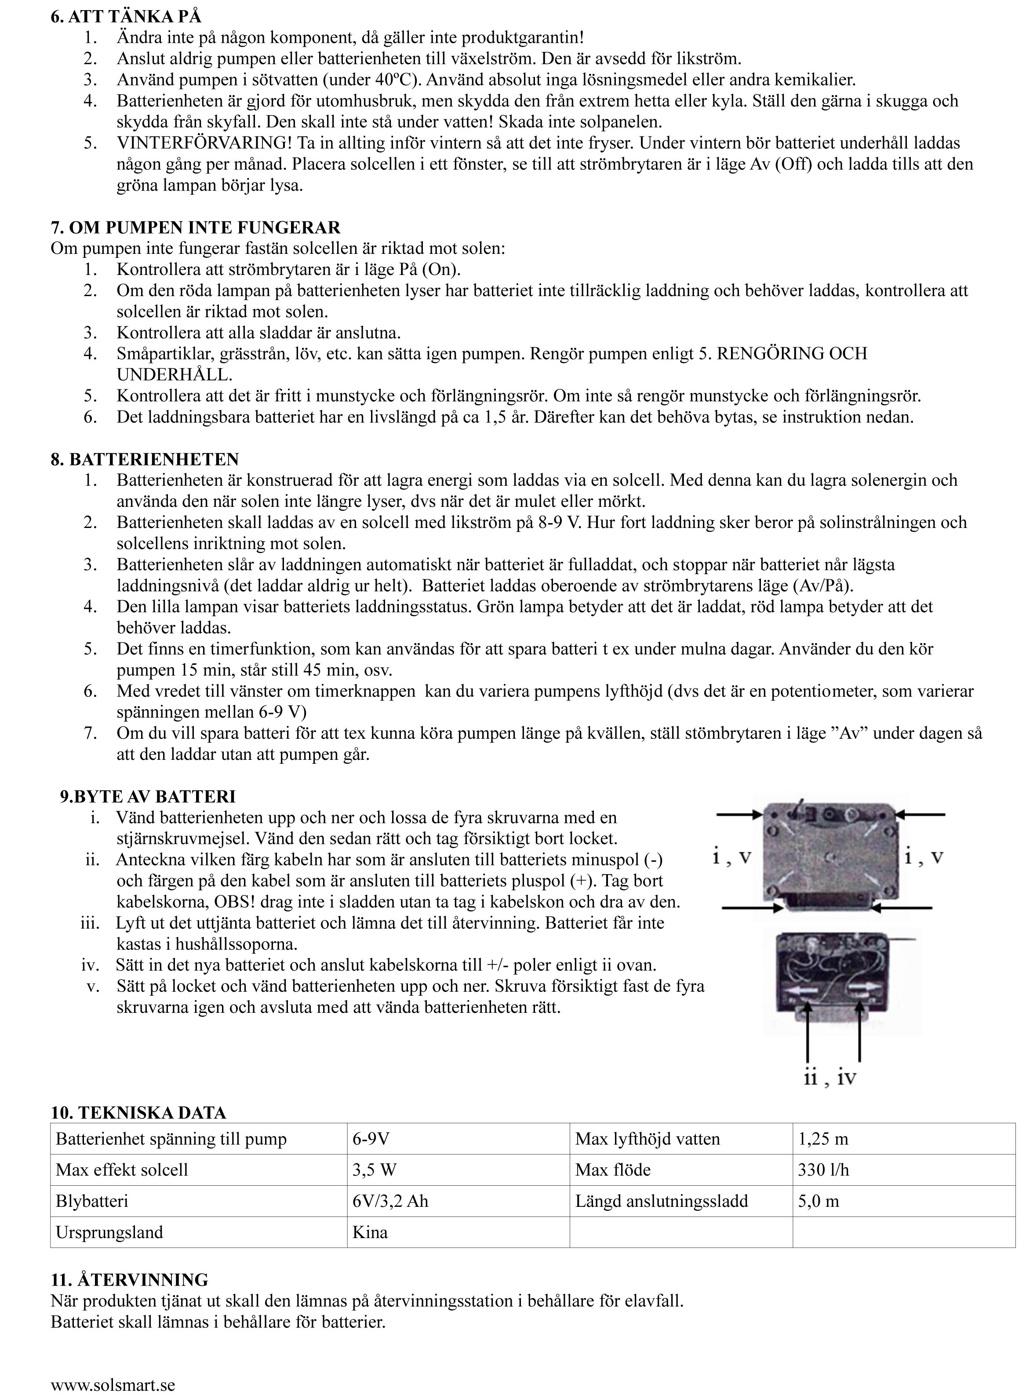 Bruksanvisning-Proteus-utan-LysdiodkransSIDAN2